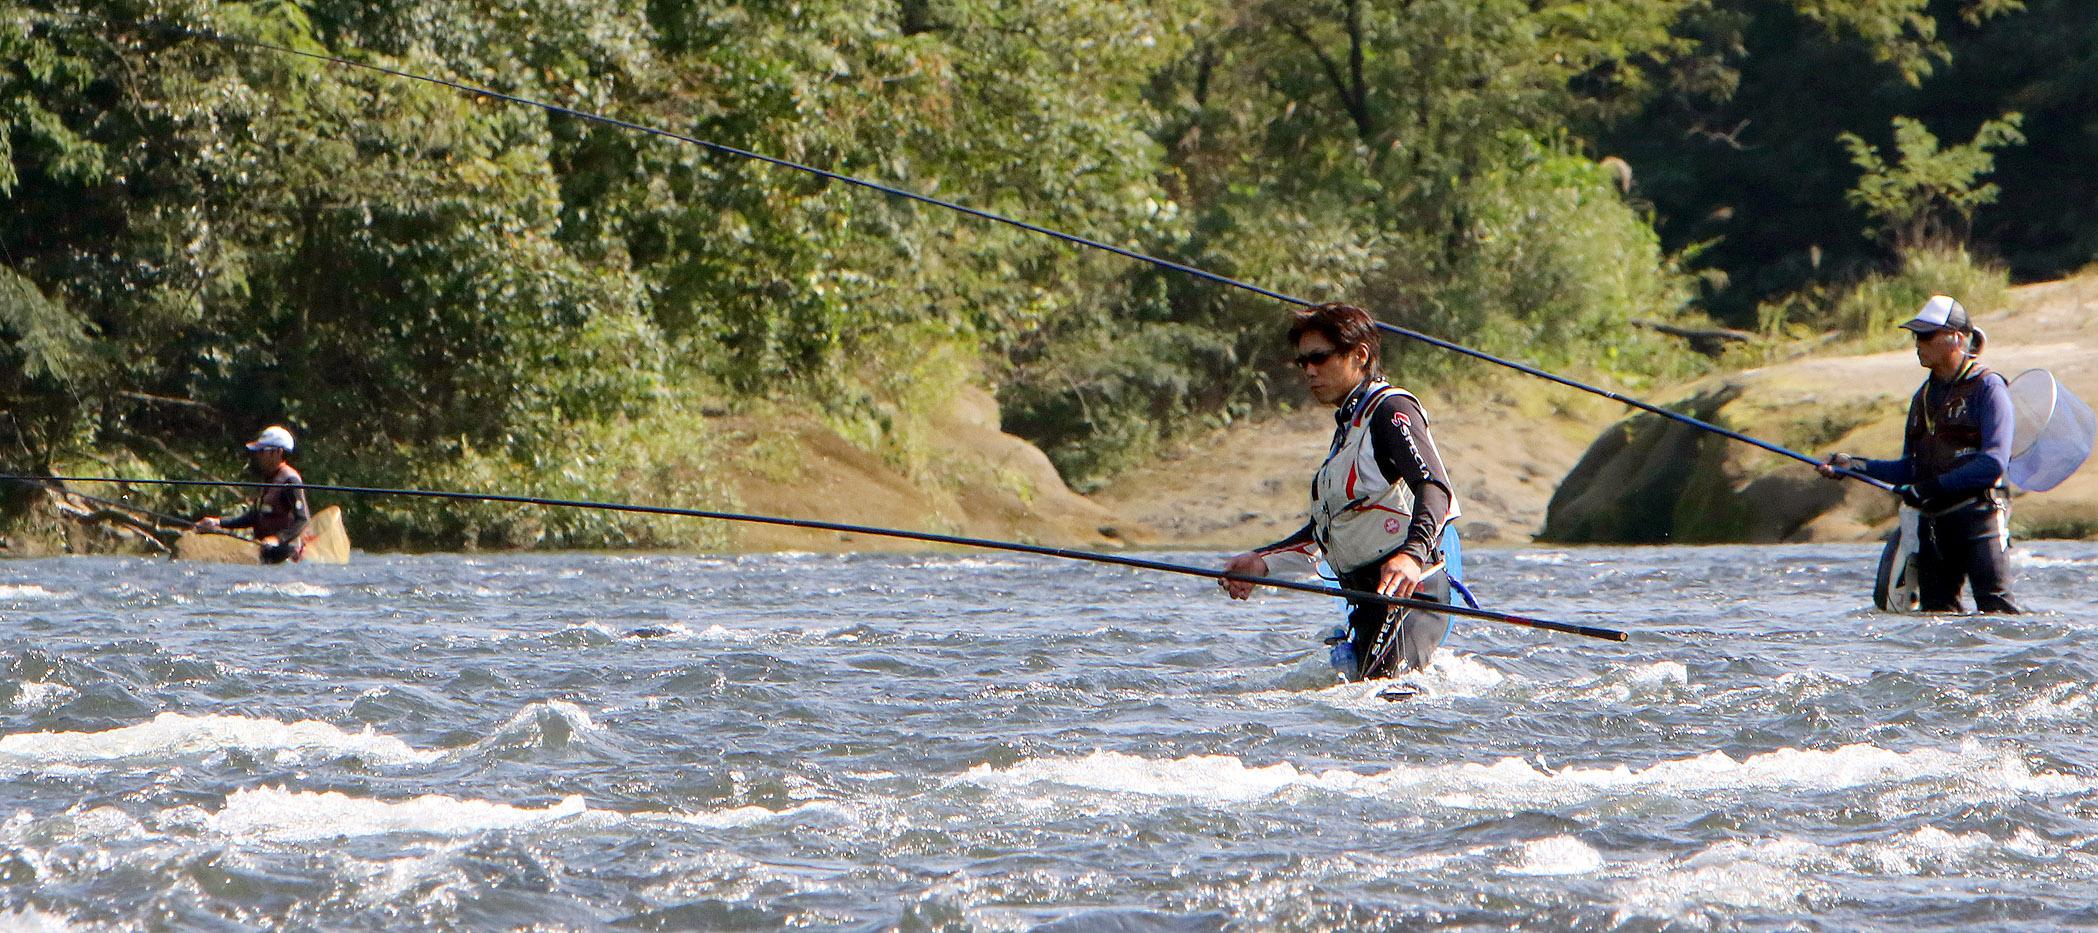 犀川で落ちアユを狙う釣り人=金沢市大桑町